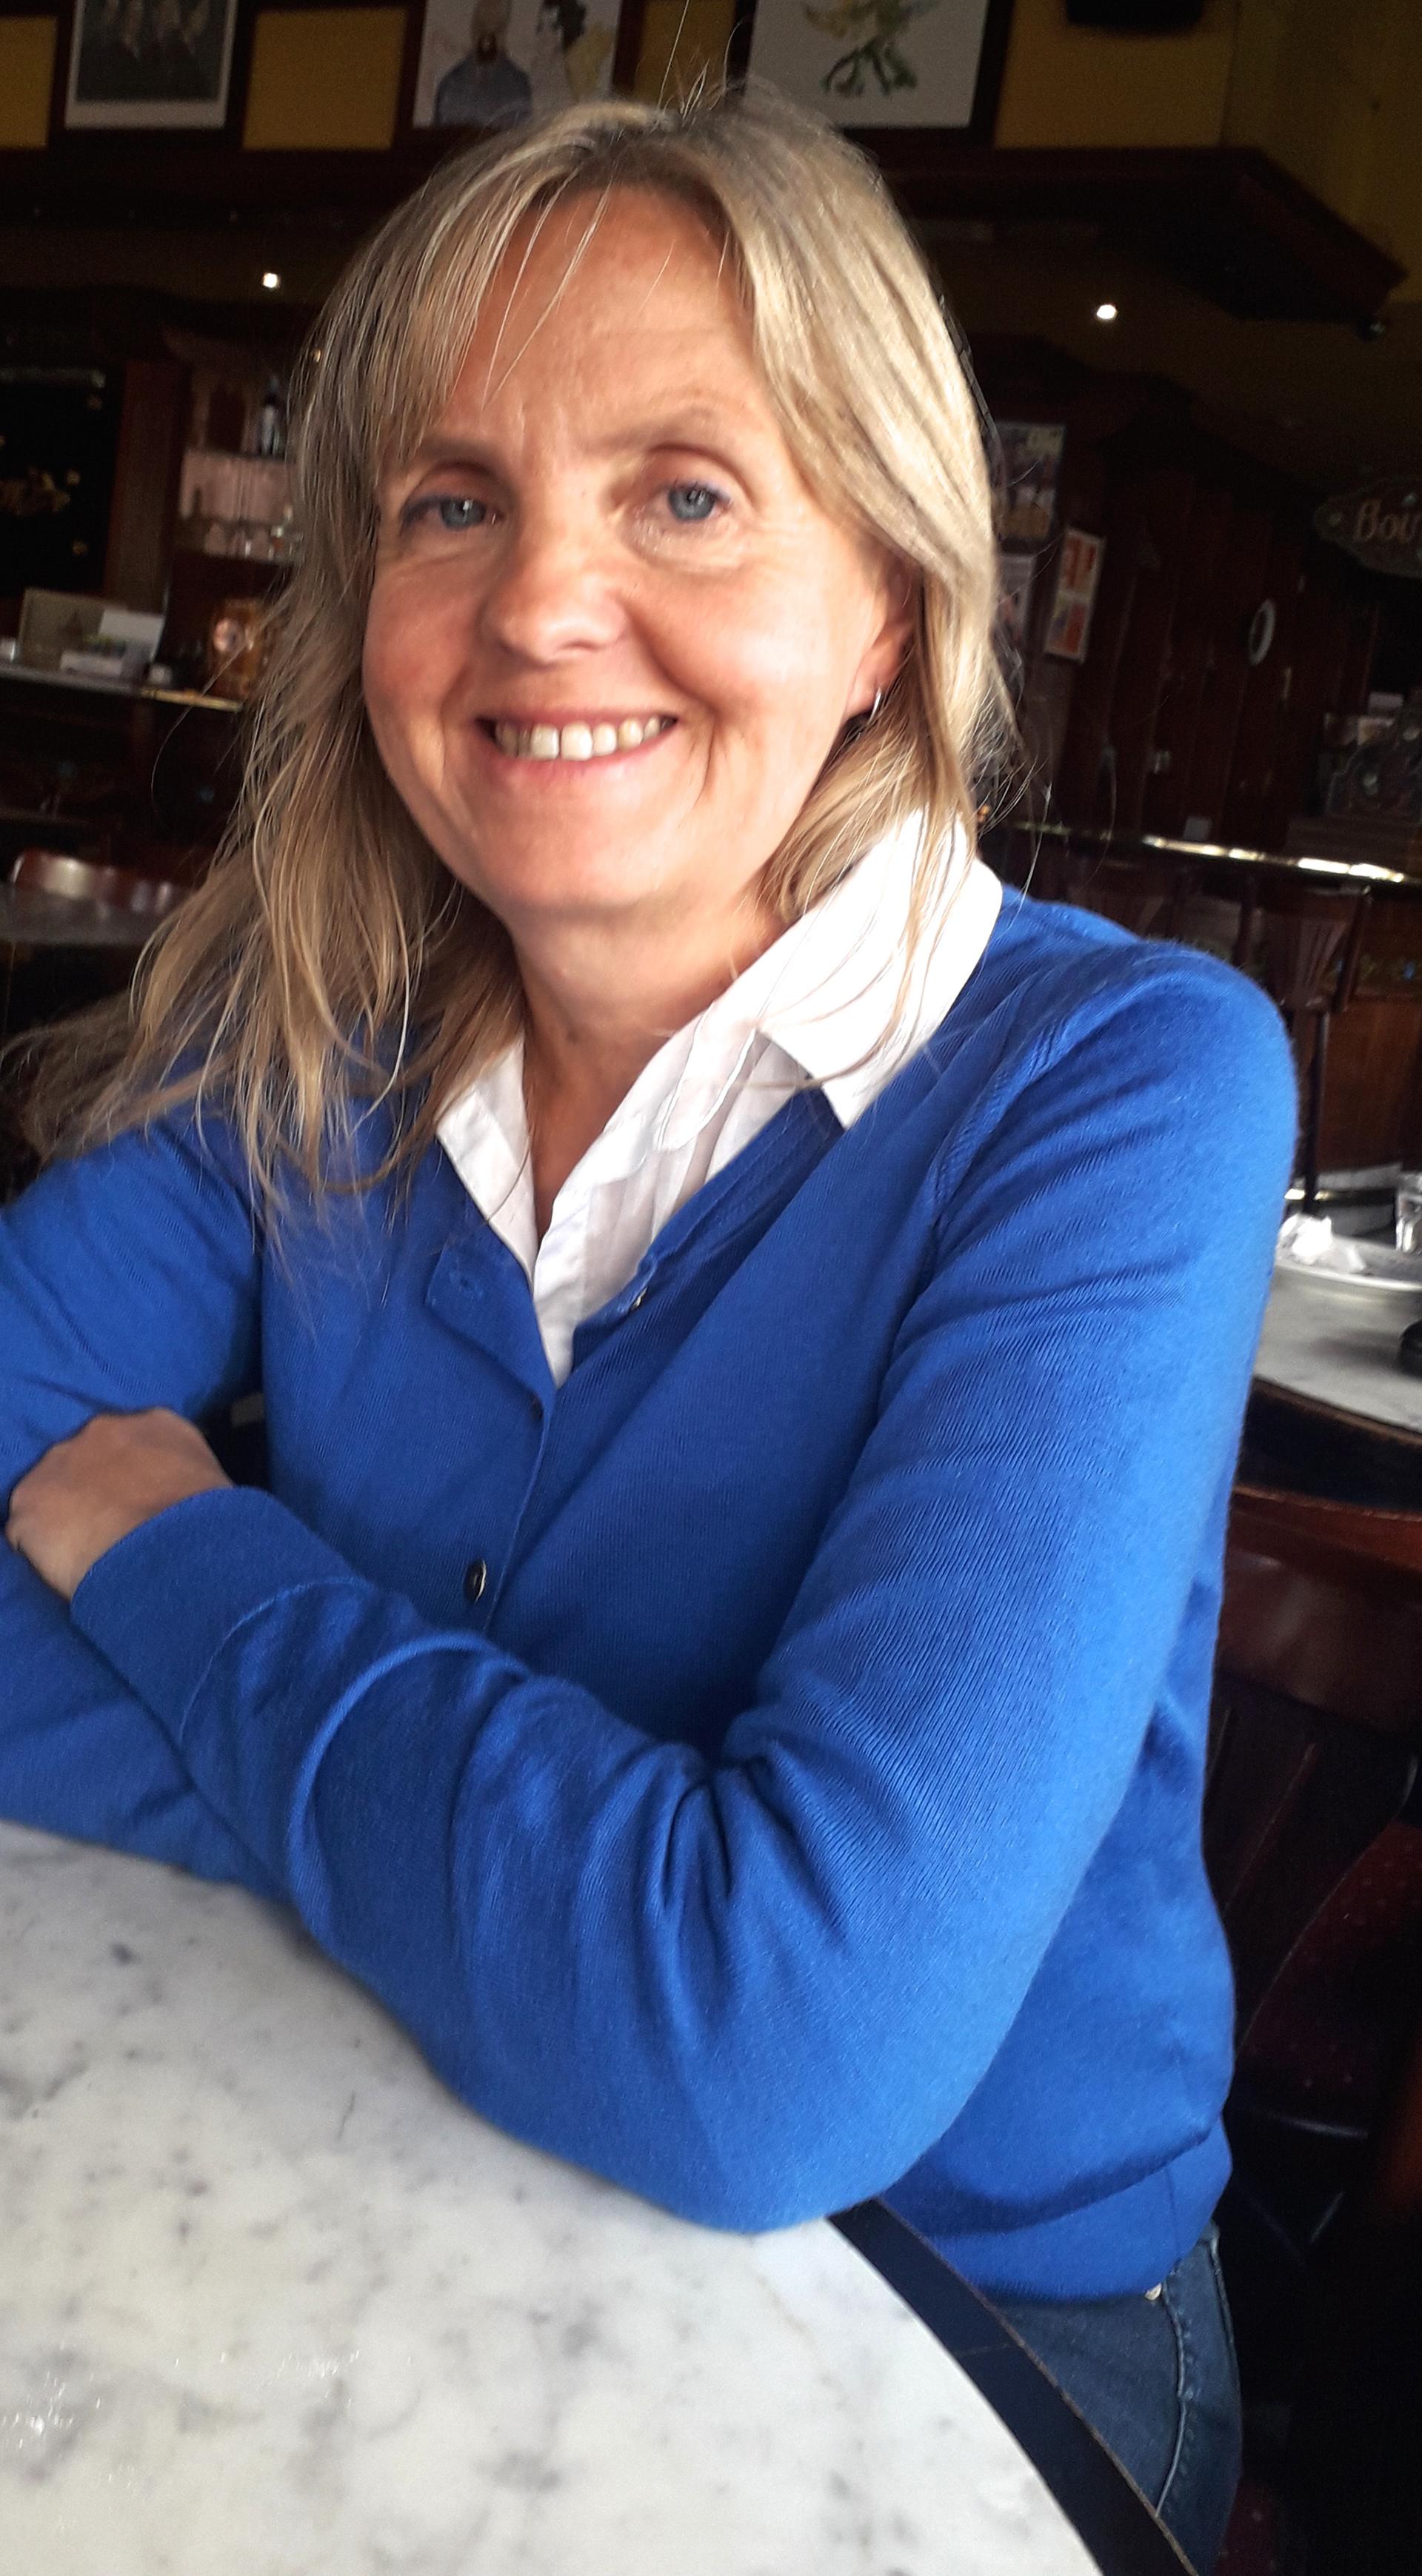 Olga Demczuk, otra inmigrante ucraniana. Su familia viajó engañada y pudo ser repatriada.